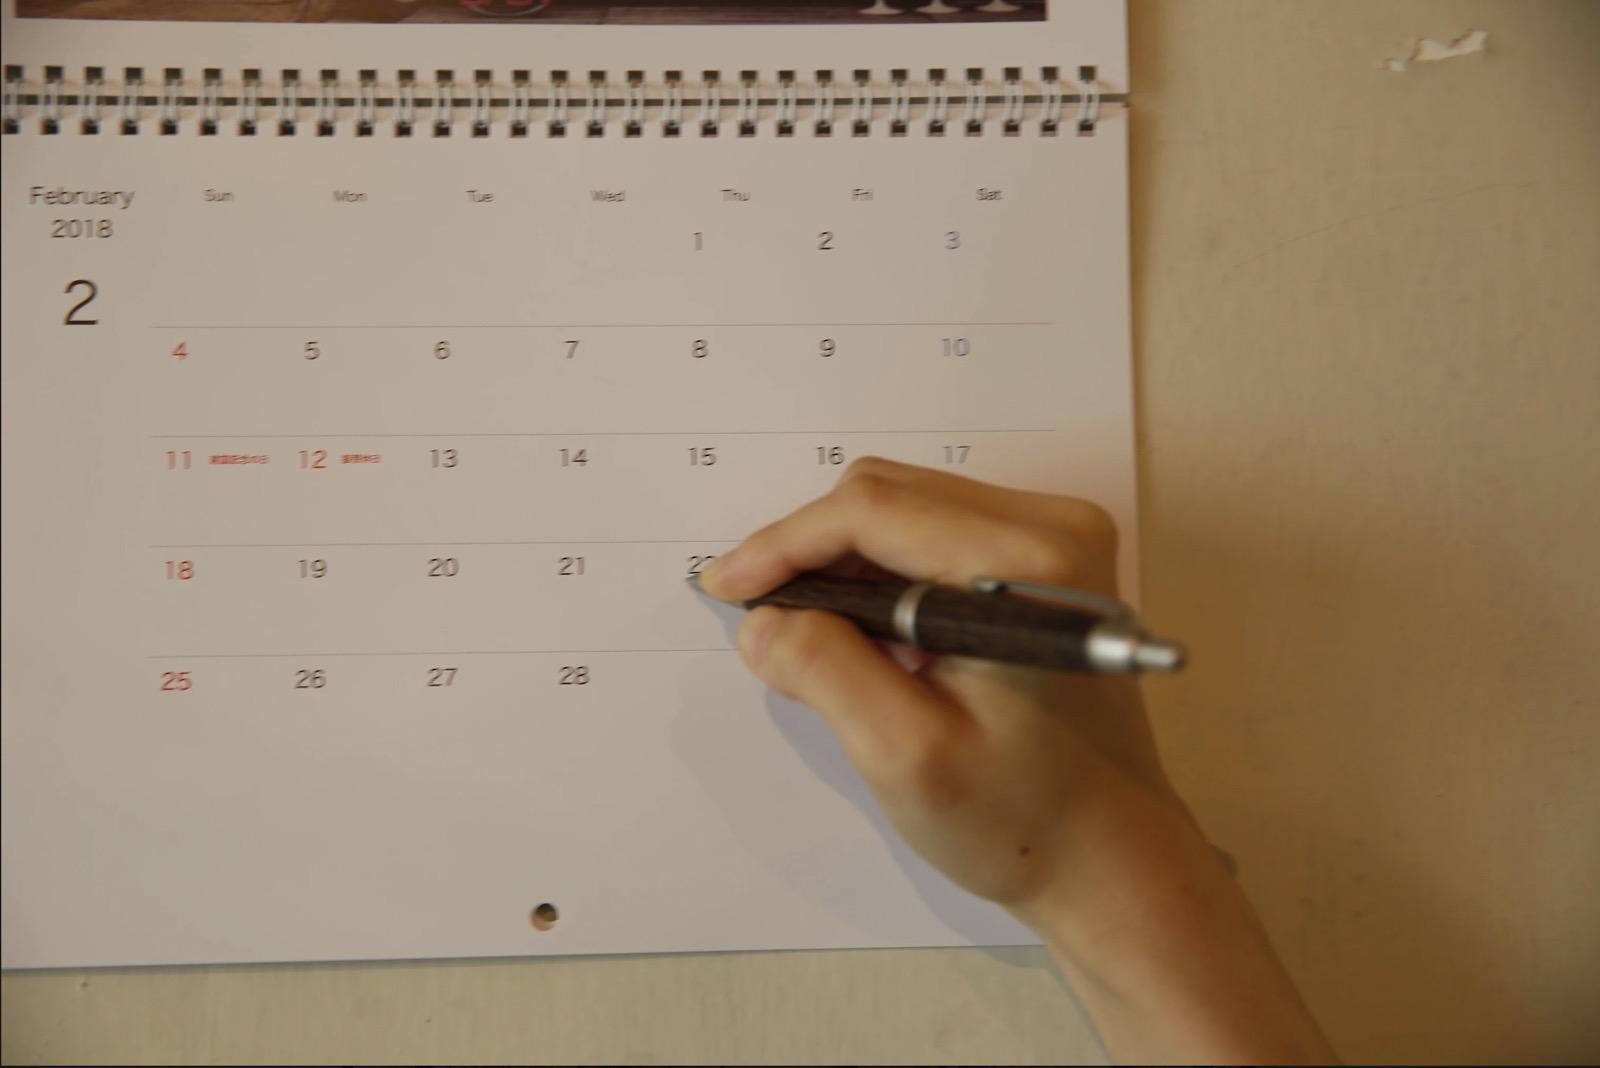 オリジナルフォトカレンダー